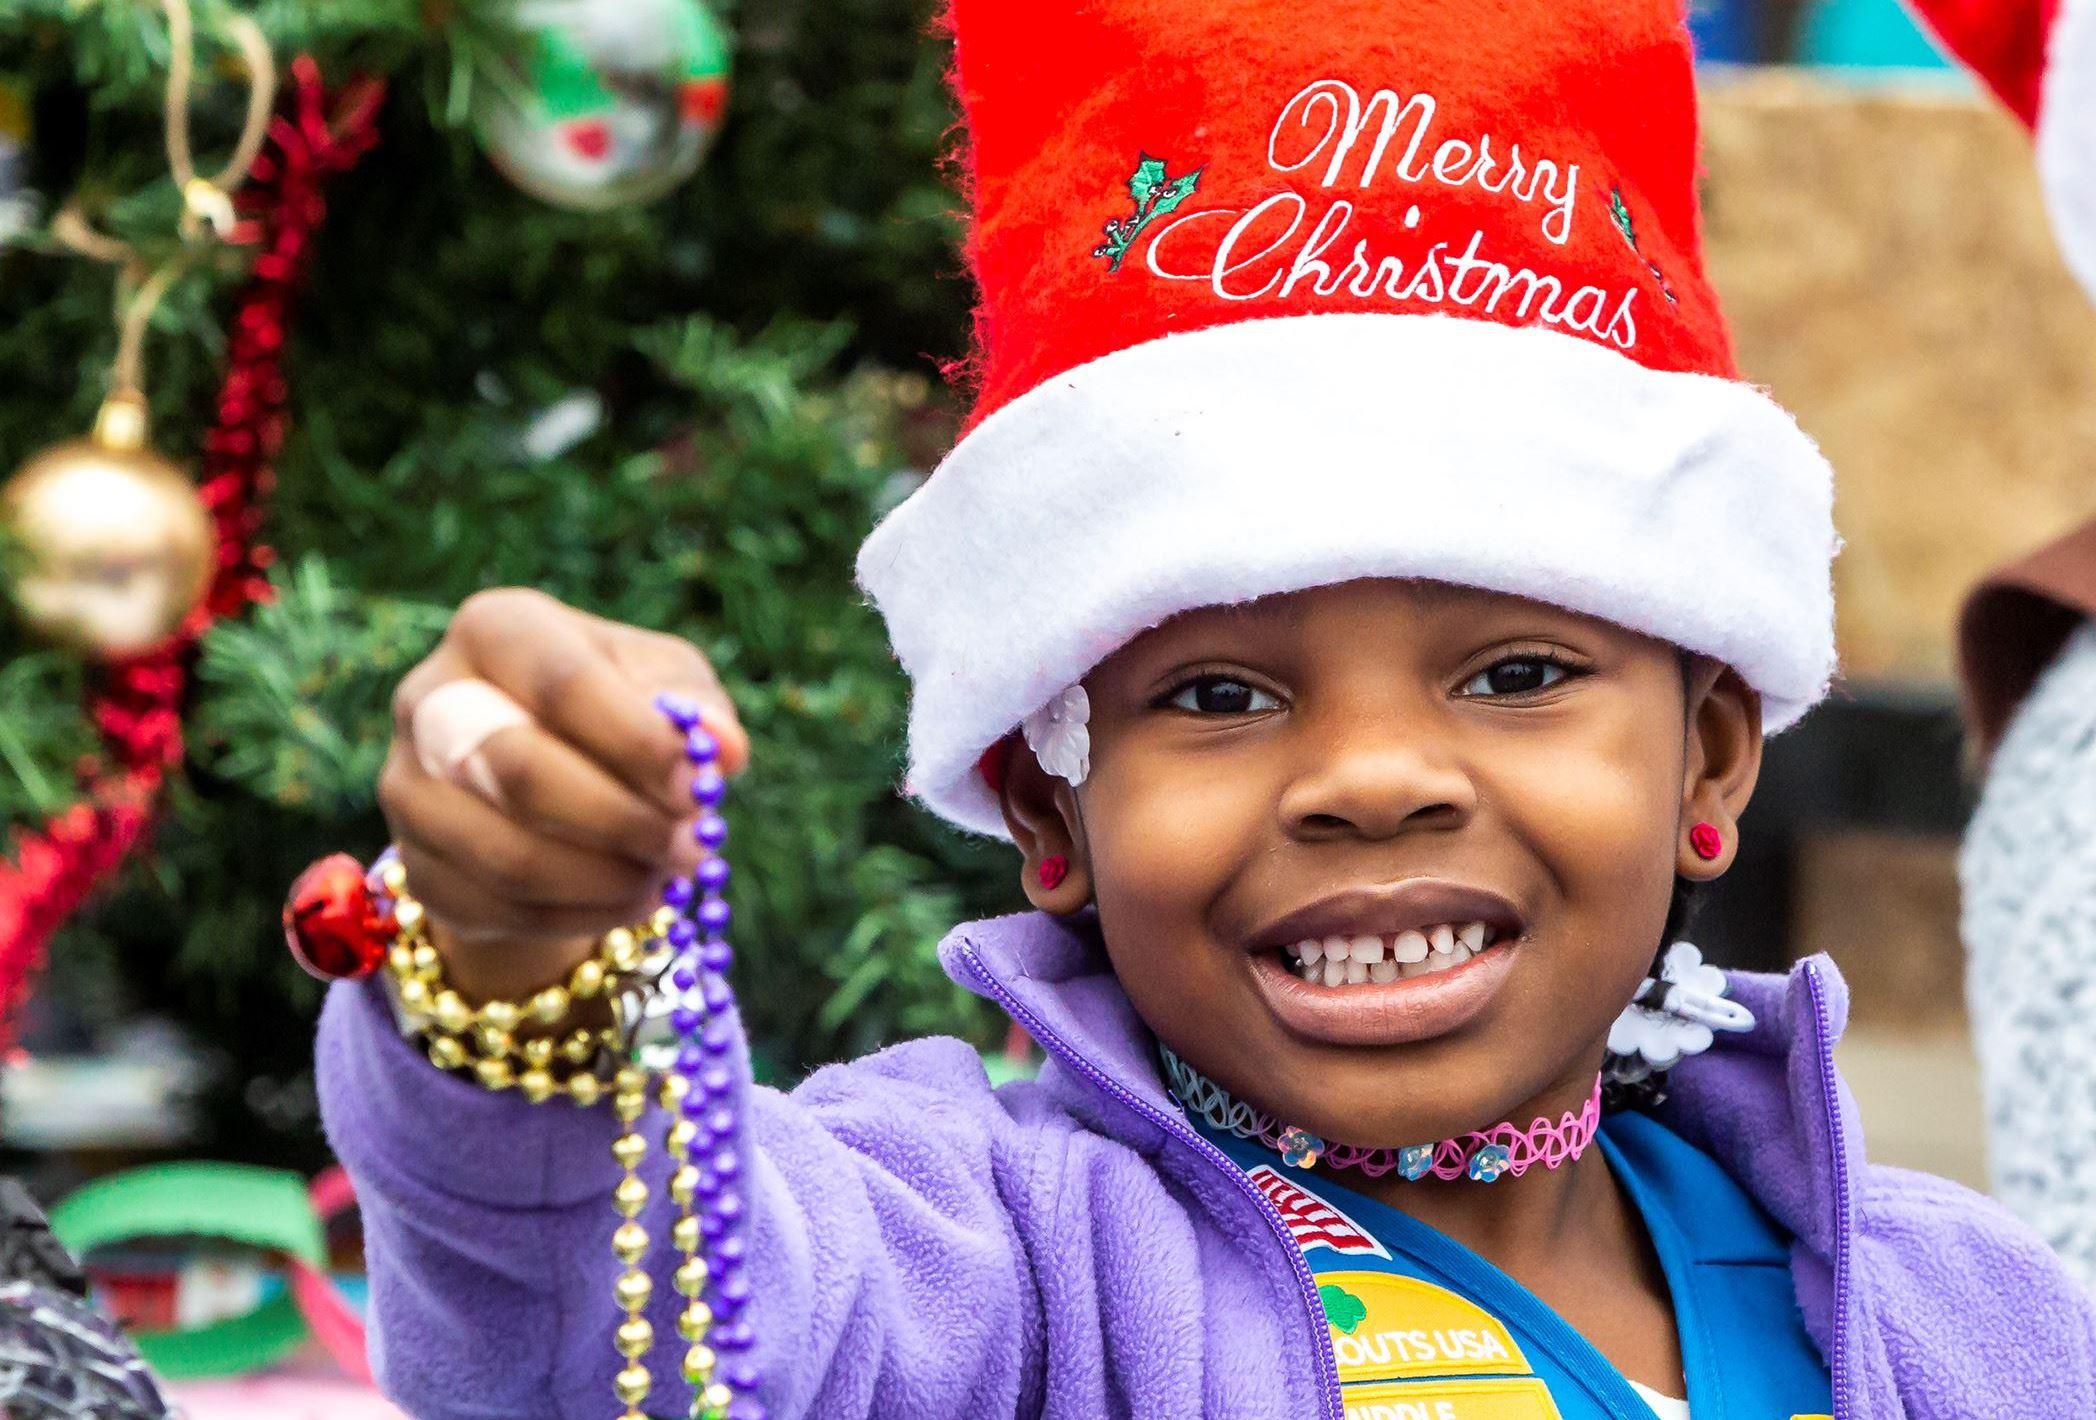 Murfreesboro Tn Christmas Parade 2020 Murfreesboro Christmas Parade | Murfreesboro, TN   Official Website